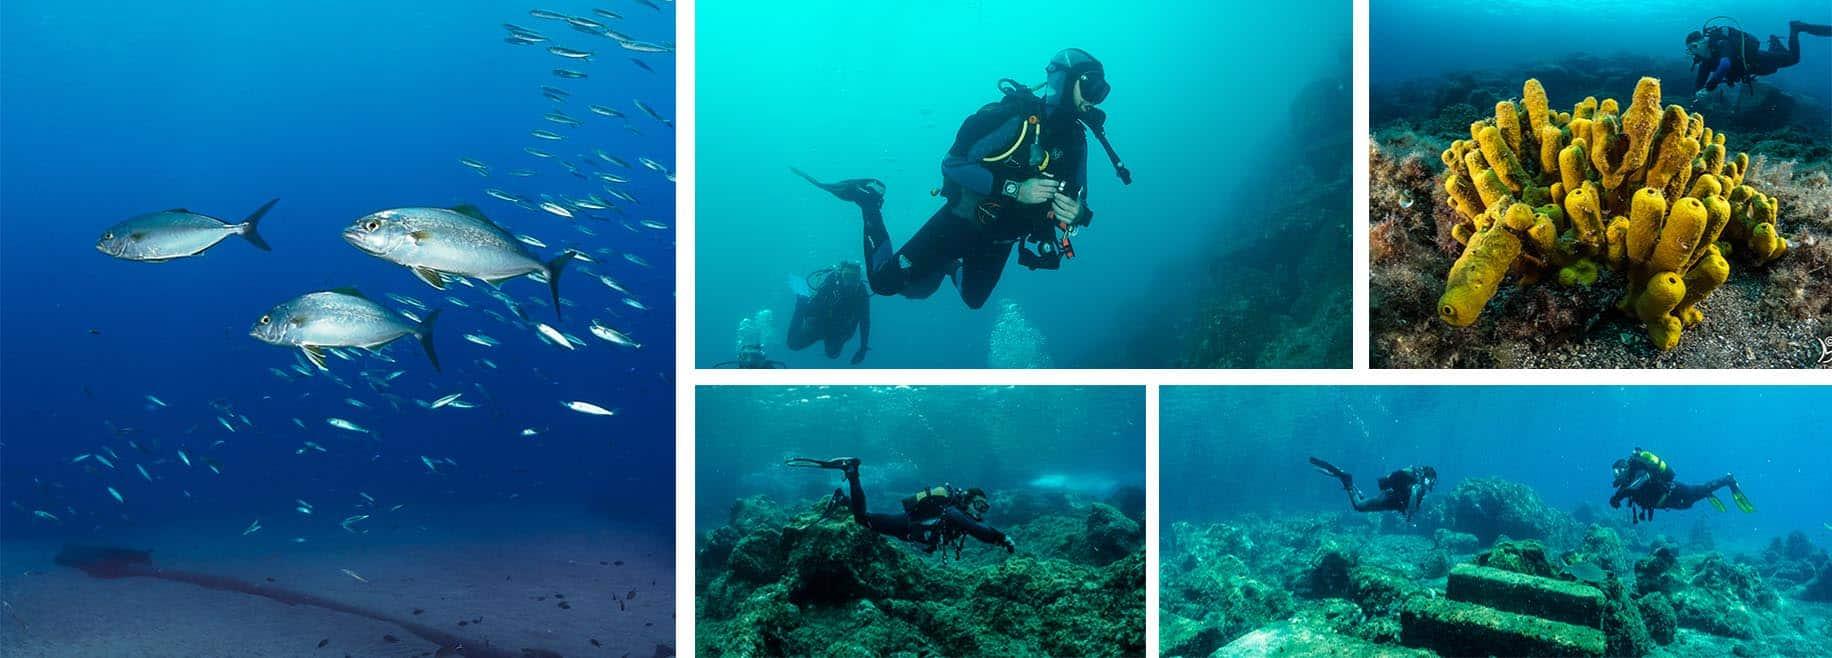 galeria fotografica lanzarote ocean divers